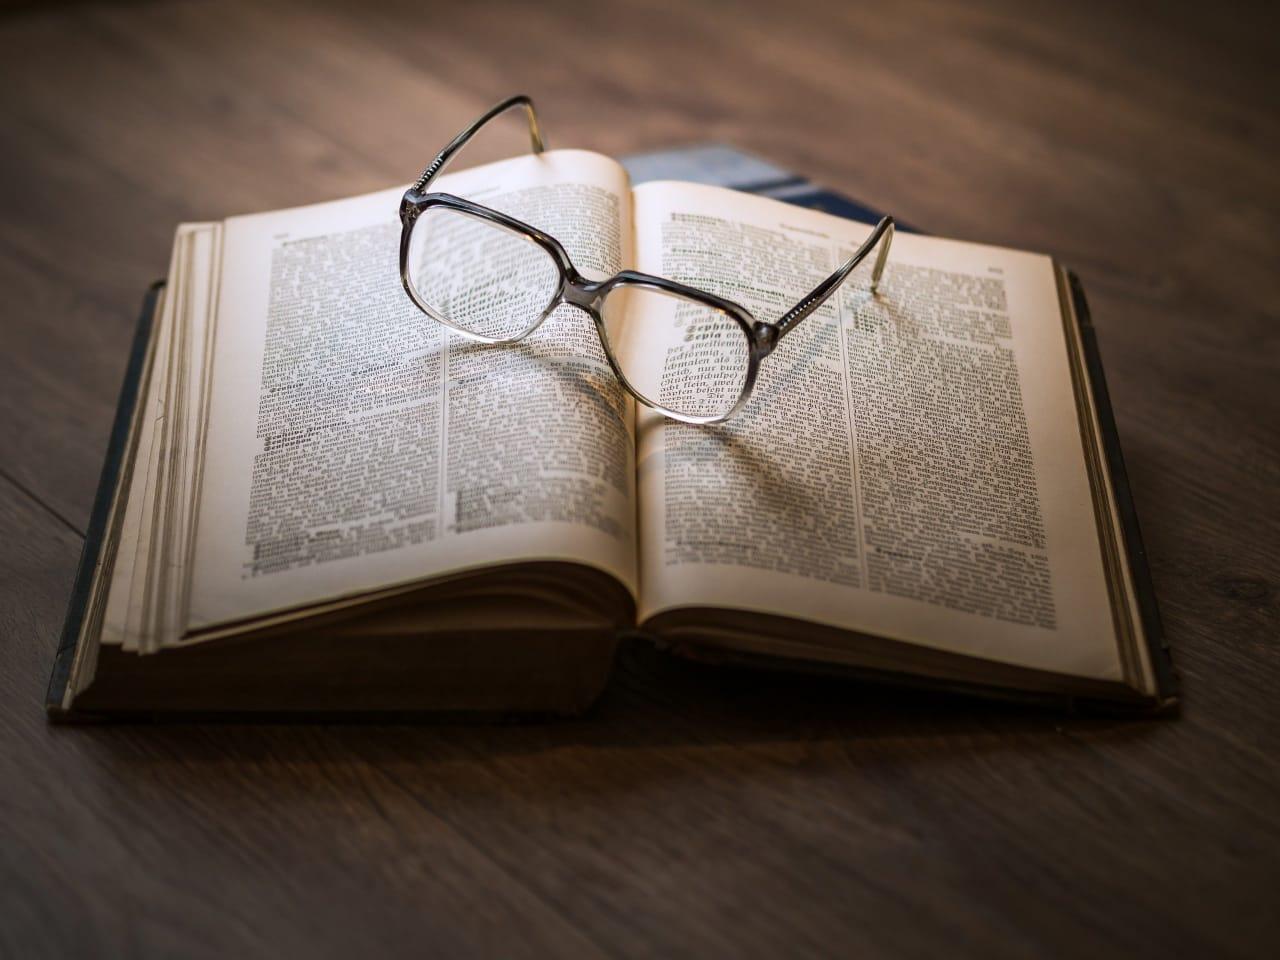 Ilustrasi rekomendasi karya sastra bertema pandemi. (Foto: Pixabay) tugu jatim